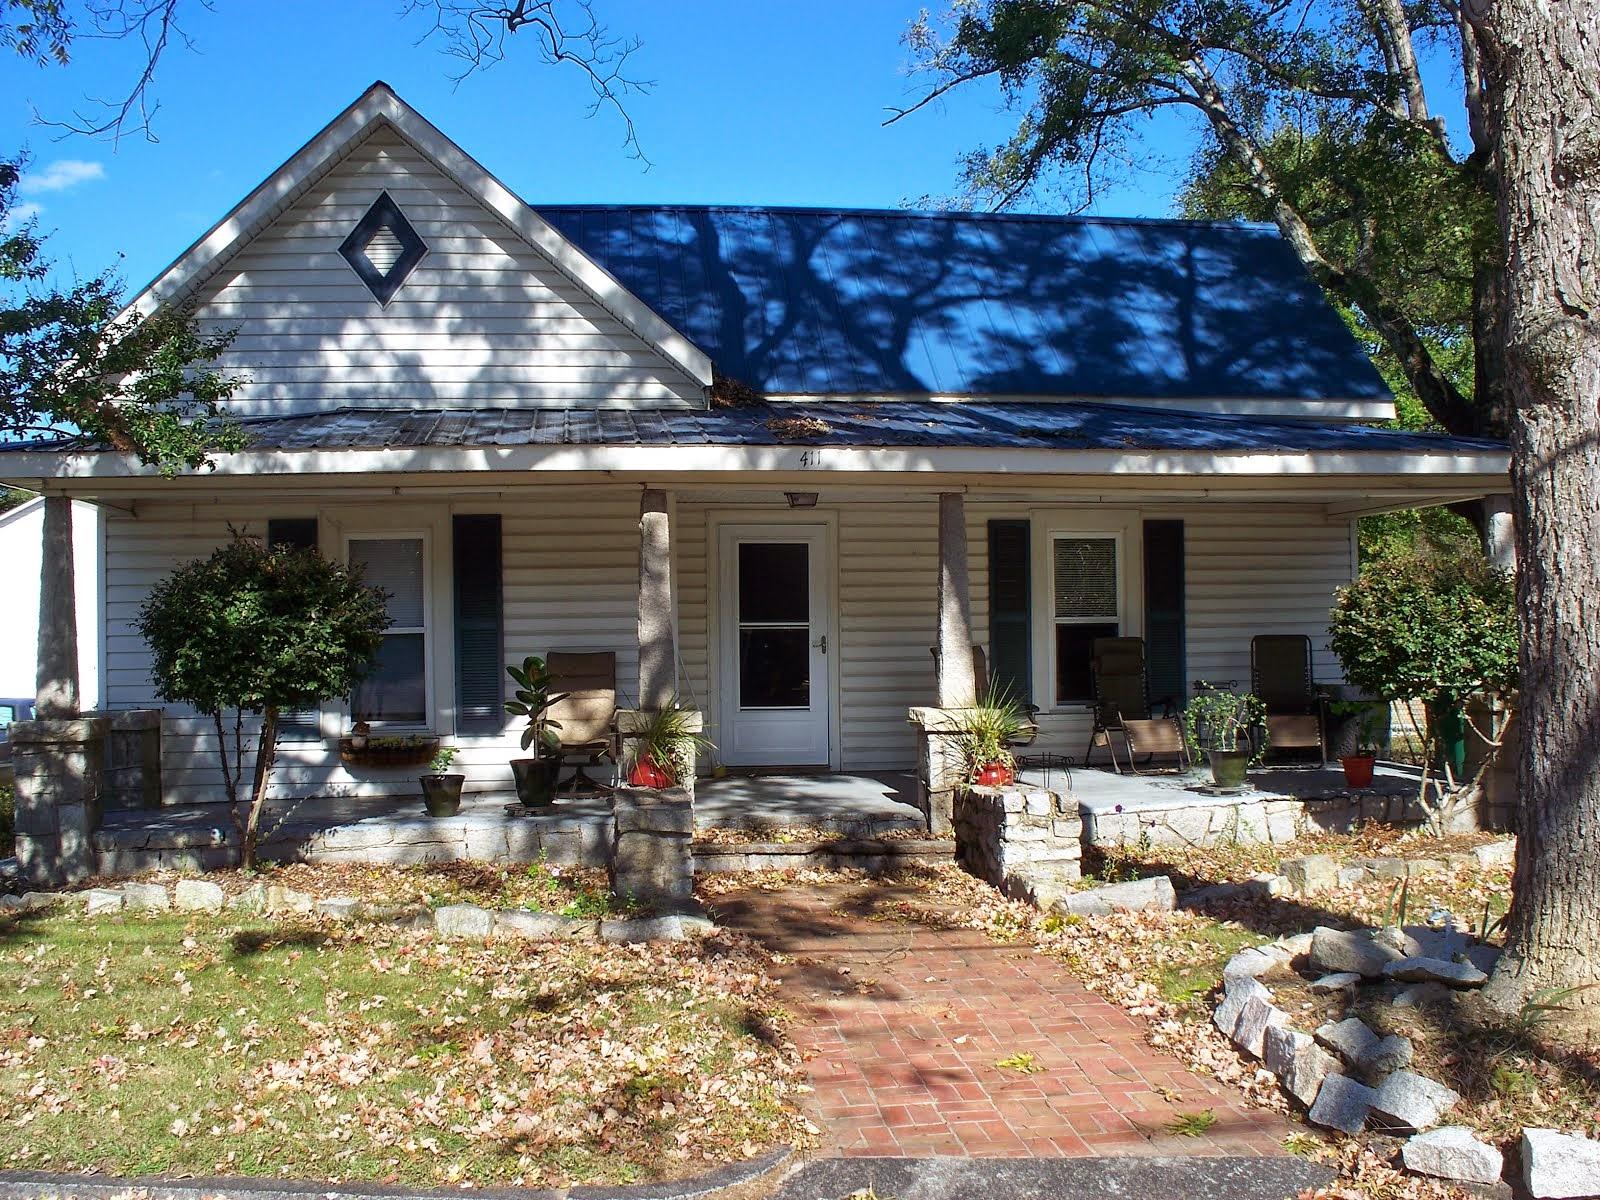 411 Main Street South (GQ), Salisbury NC 28146 ~ Circa 1920 ~ $79,900